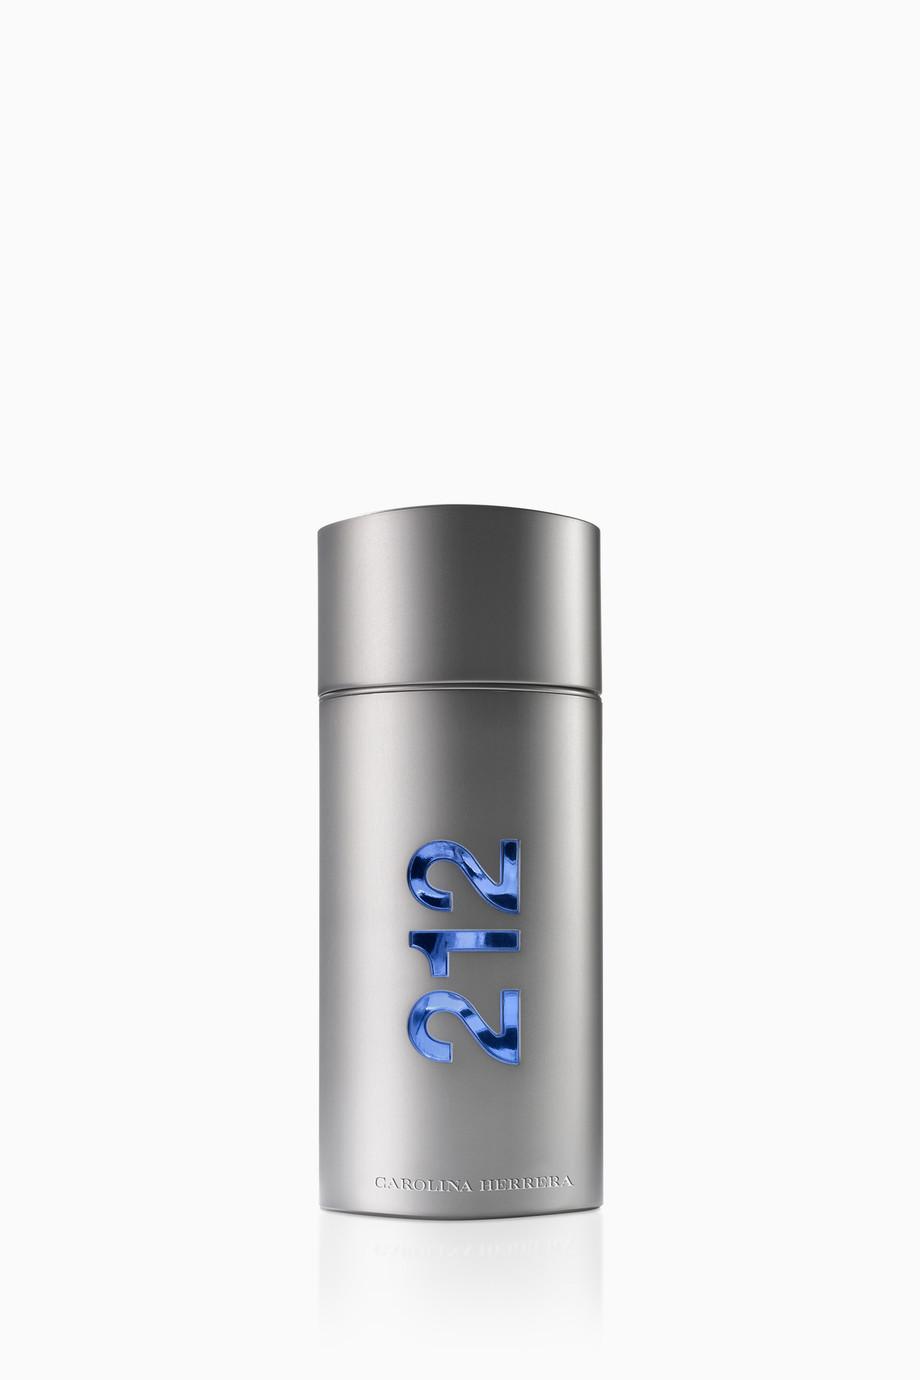 cb821af3e تسوق ماء تواليت 212 إن واي سي للرجال، 100 ملل Carolina Herrera ...